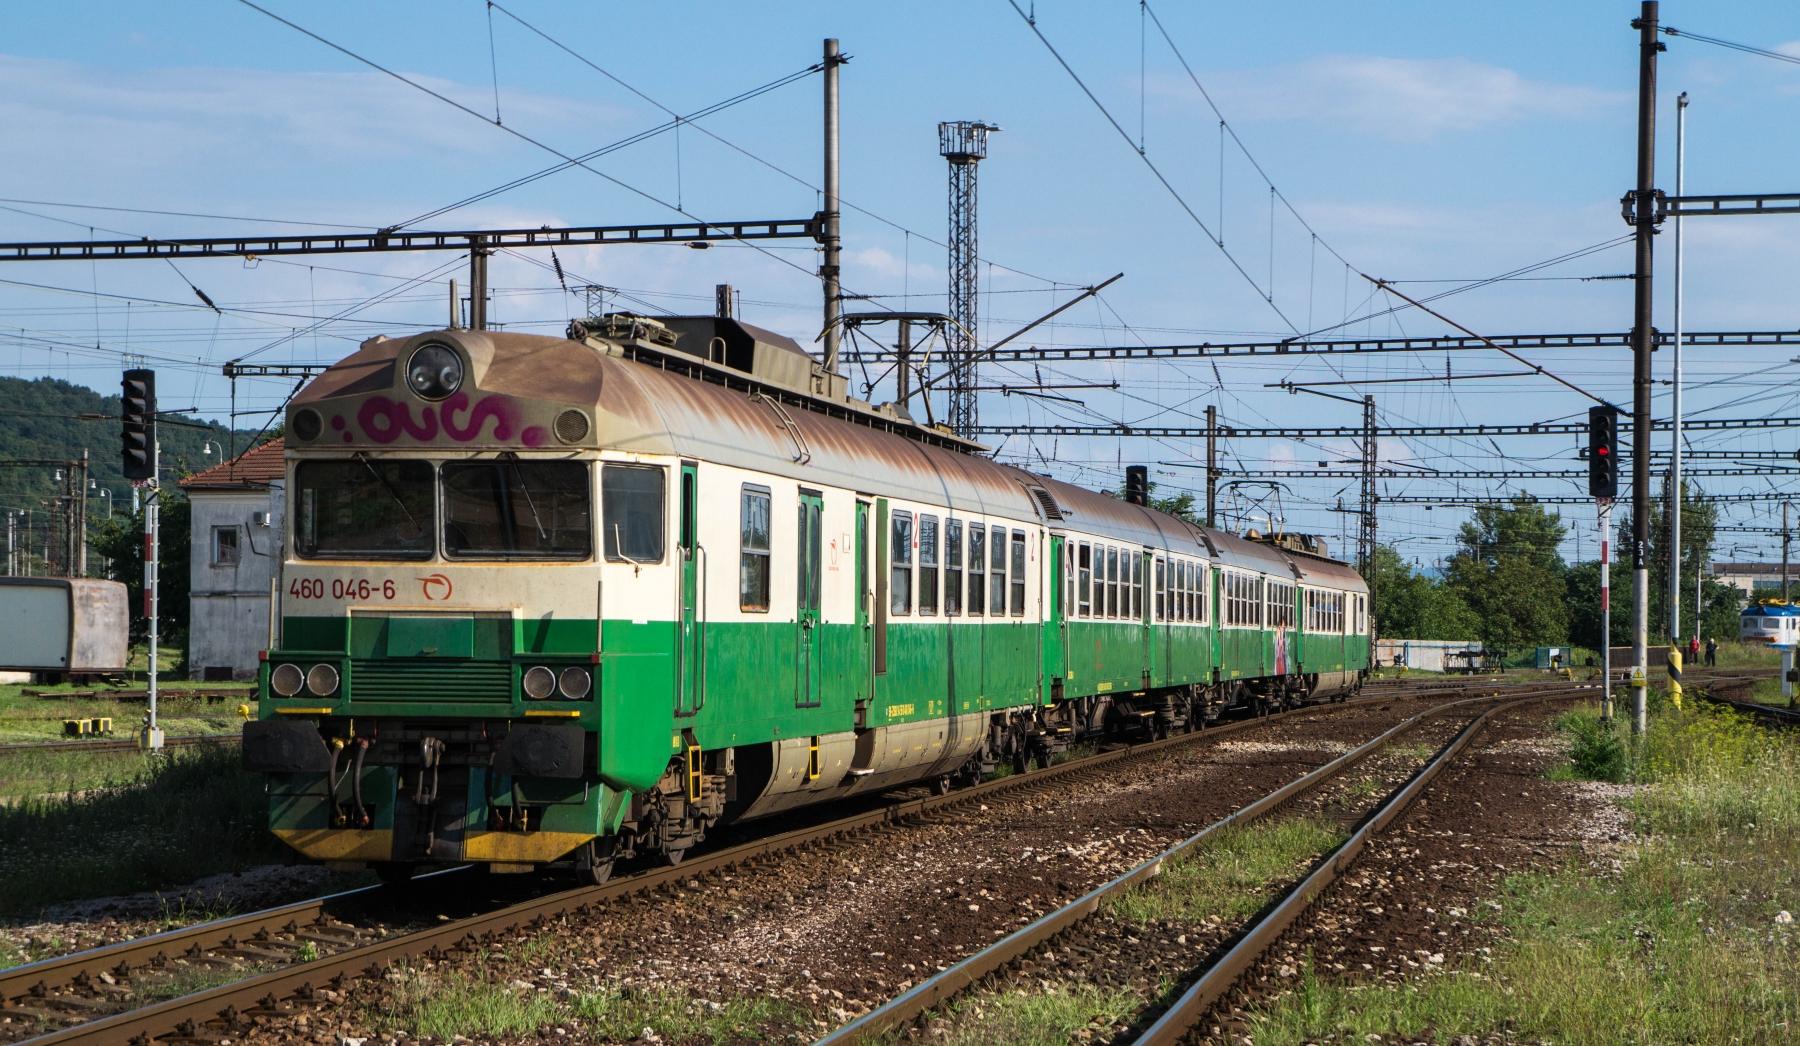 ZSSK 460